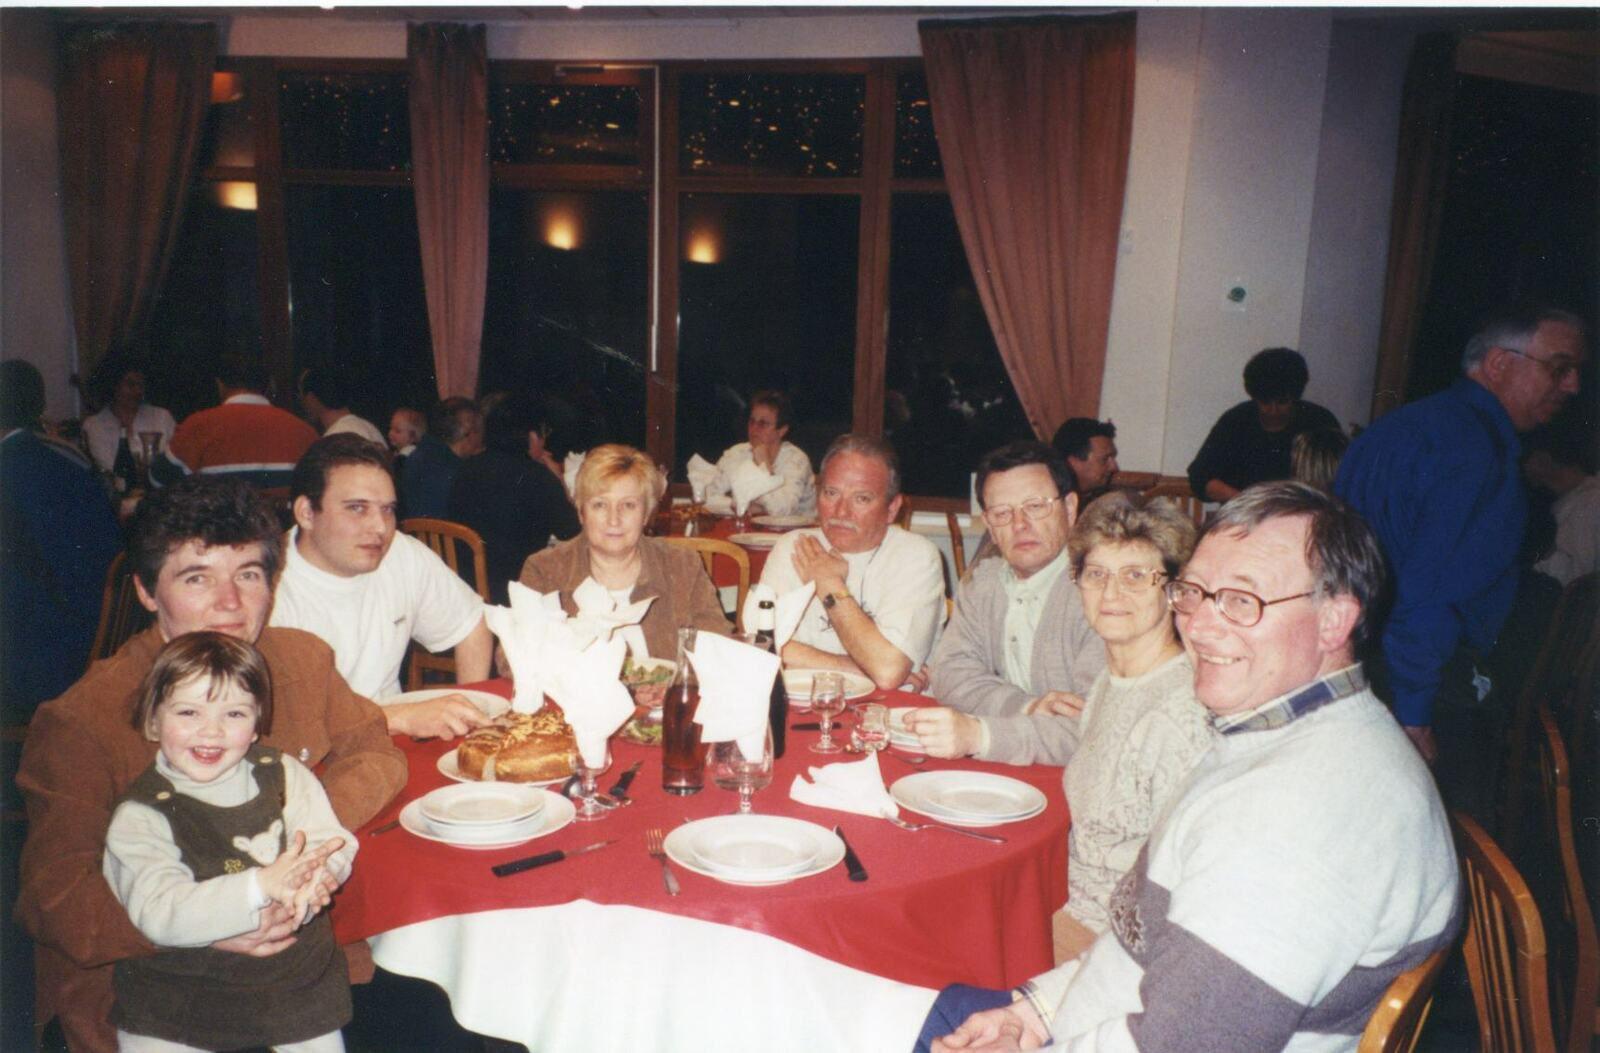 Album - Chantereine, le Comité d'établissement , les sports d'hiver, les Deux-Alpes, Montalbert (France)n